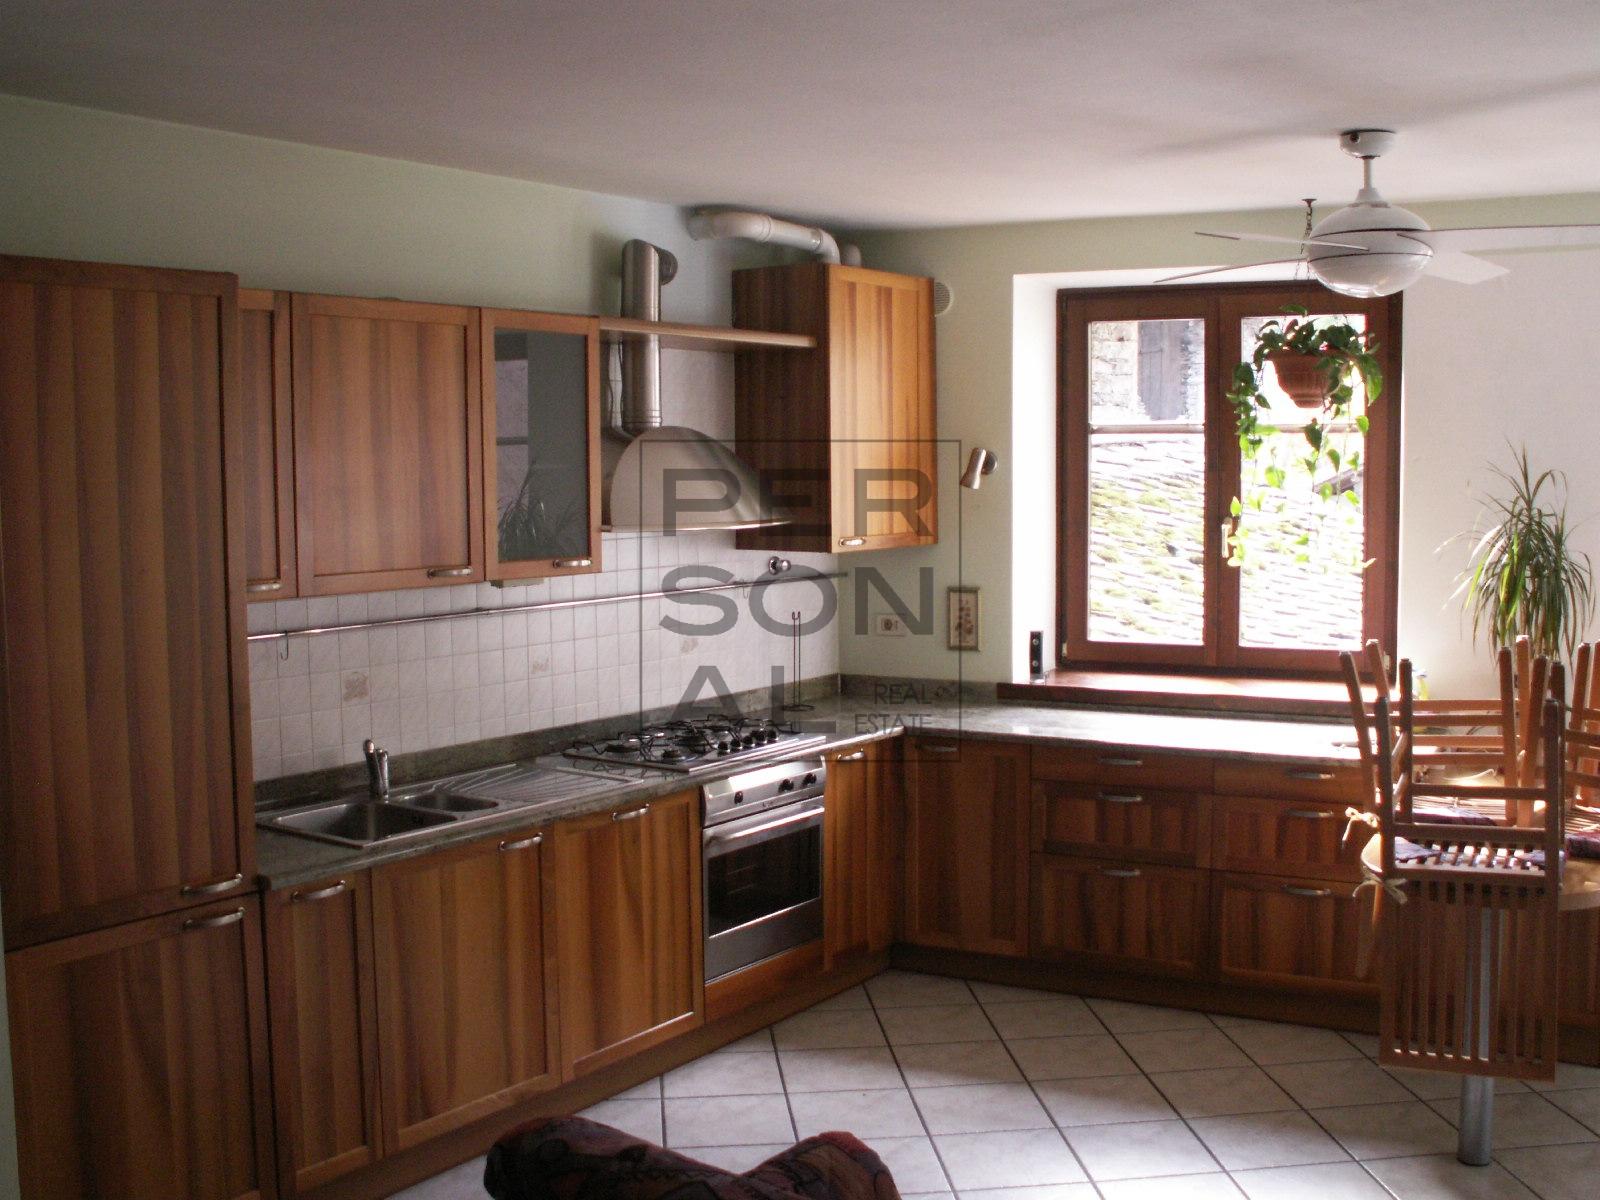 Appartamento in affitto a Calceranica al Lago, 2 locali, zona Zona: Calceranica, prezzo € 480 | Cambio Casa.it